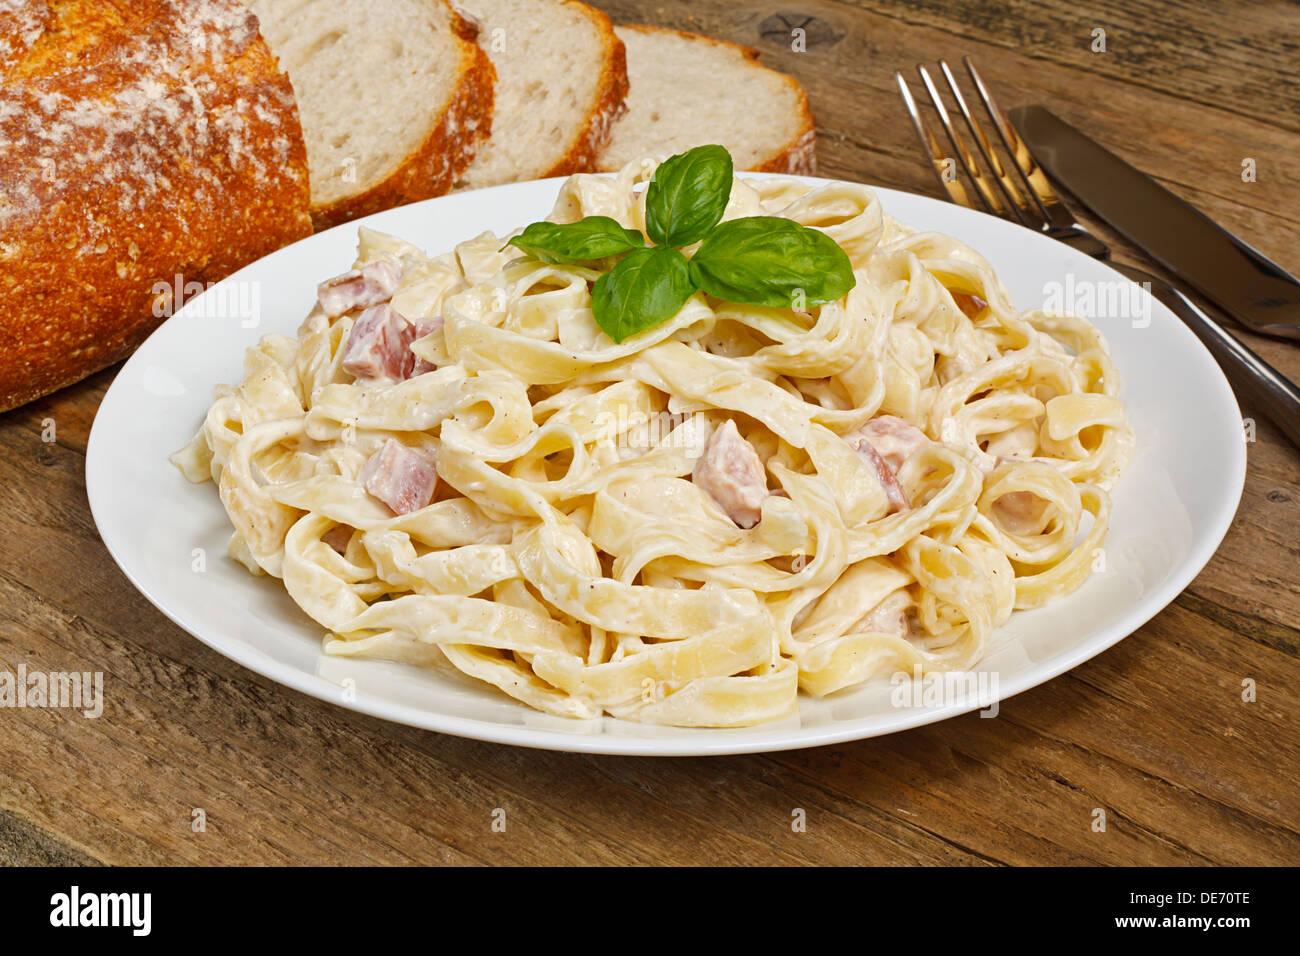 Plato de tagliatelli carbonara comida italiana en un restaurante rústico establecimiento Imagen De Stock